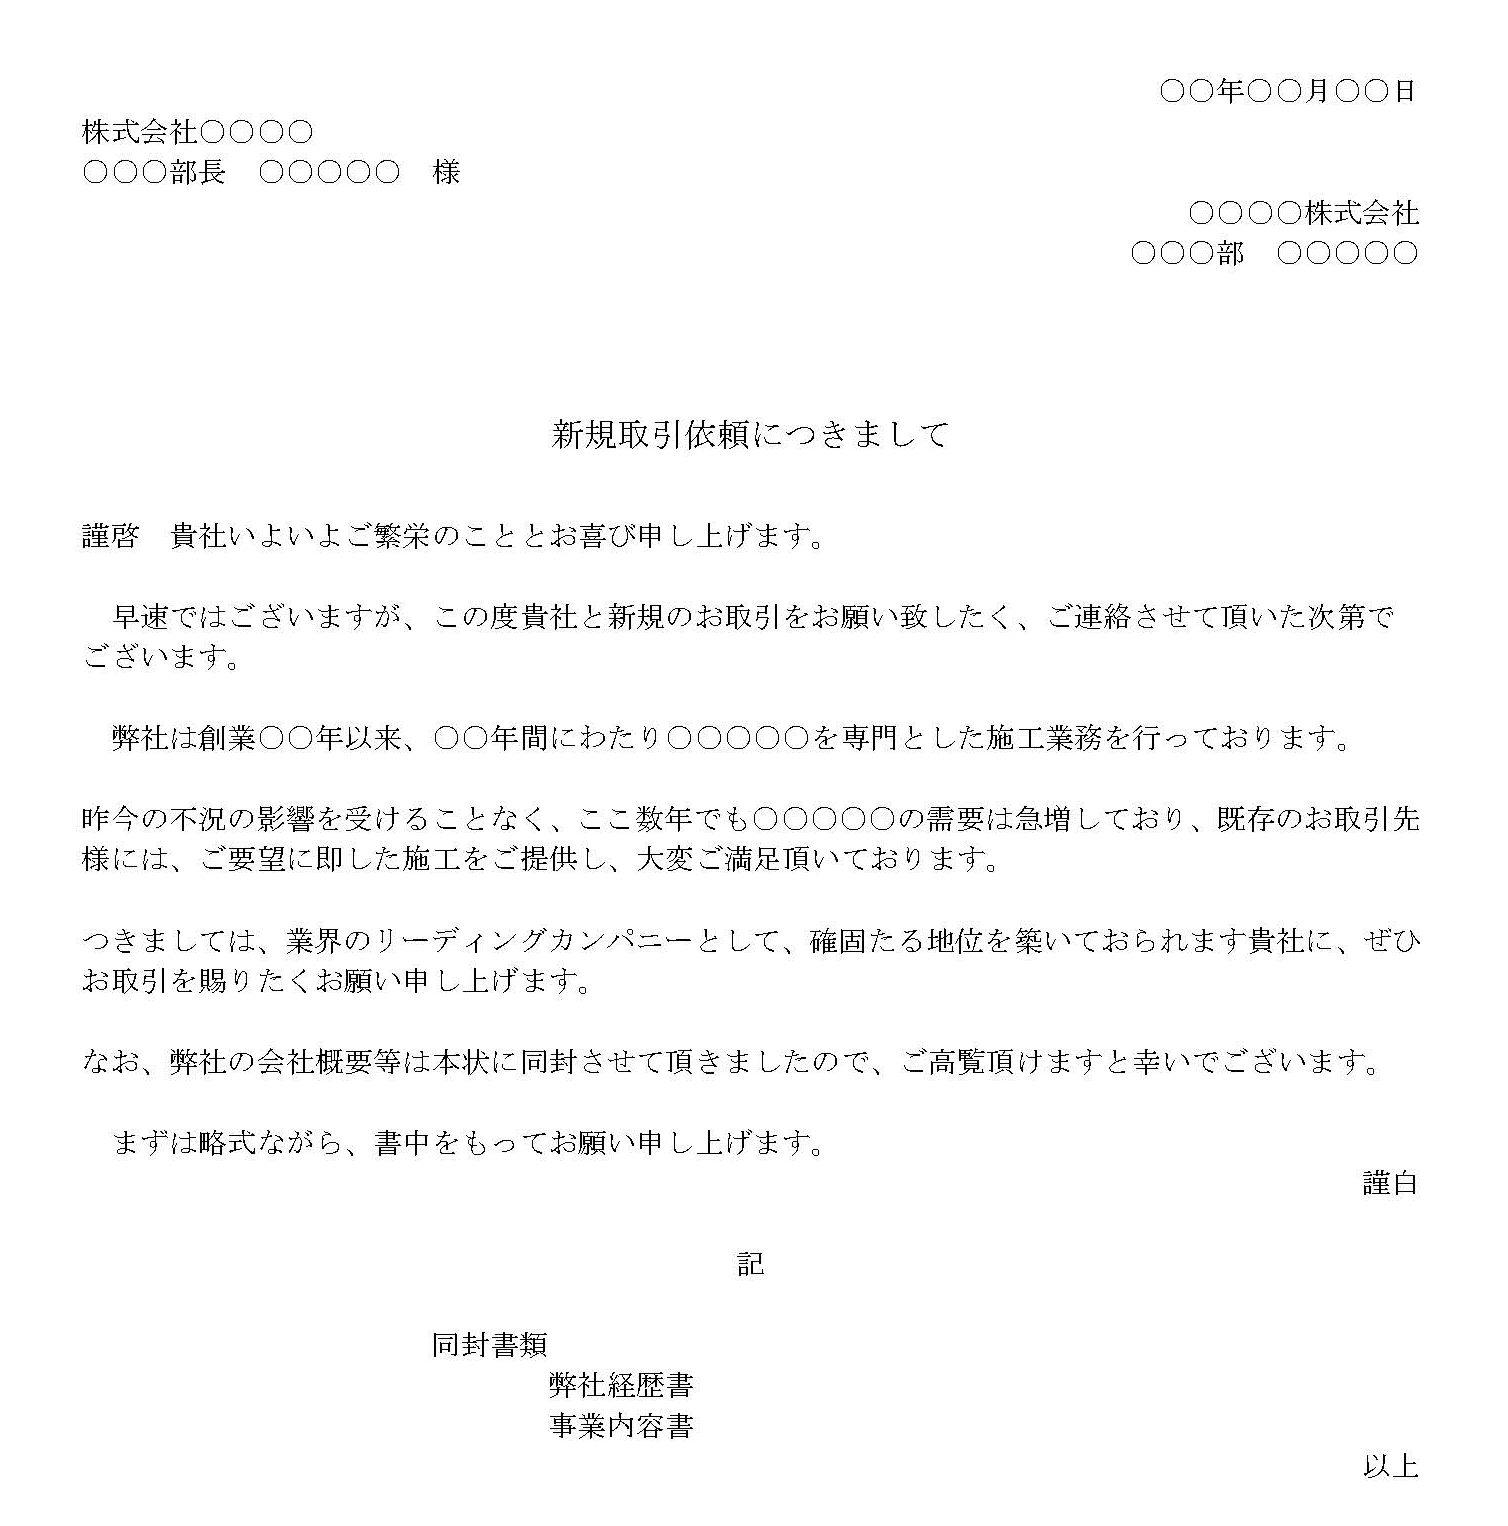 依頼状(新規取引:施工企業)